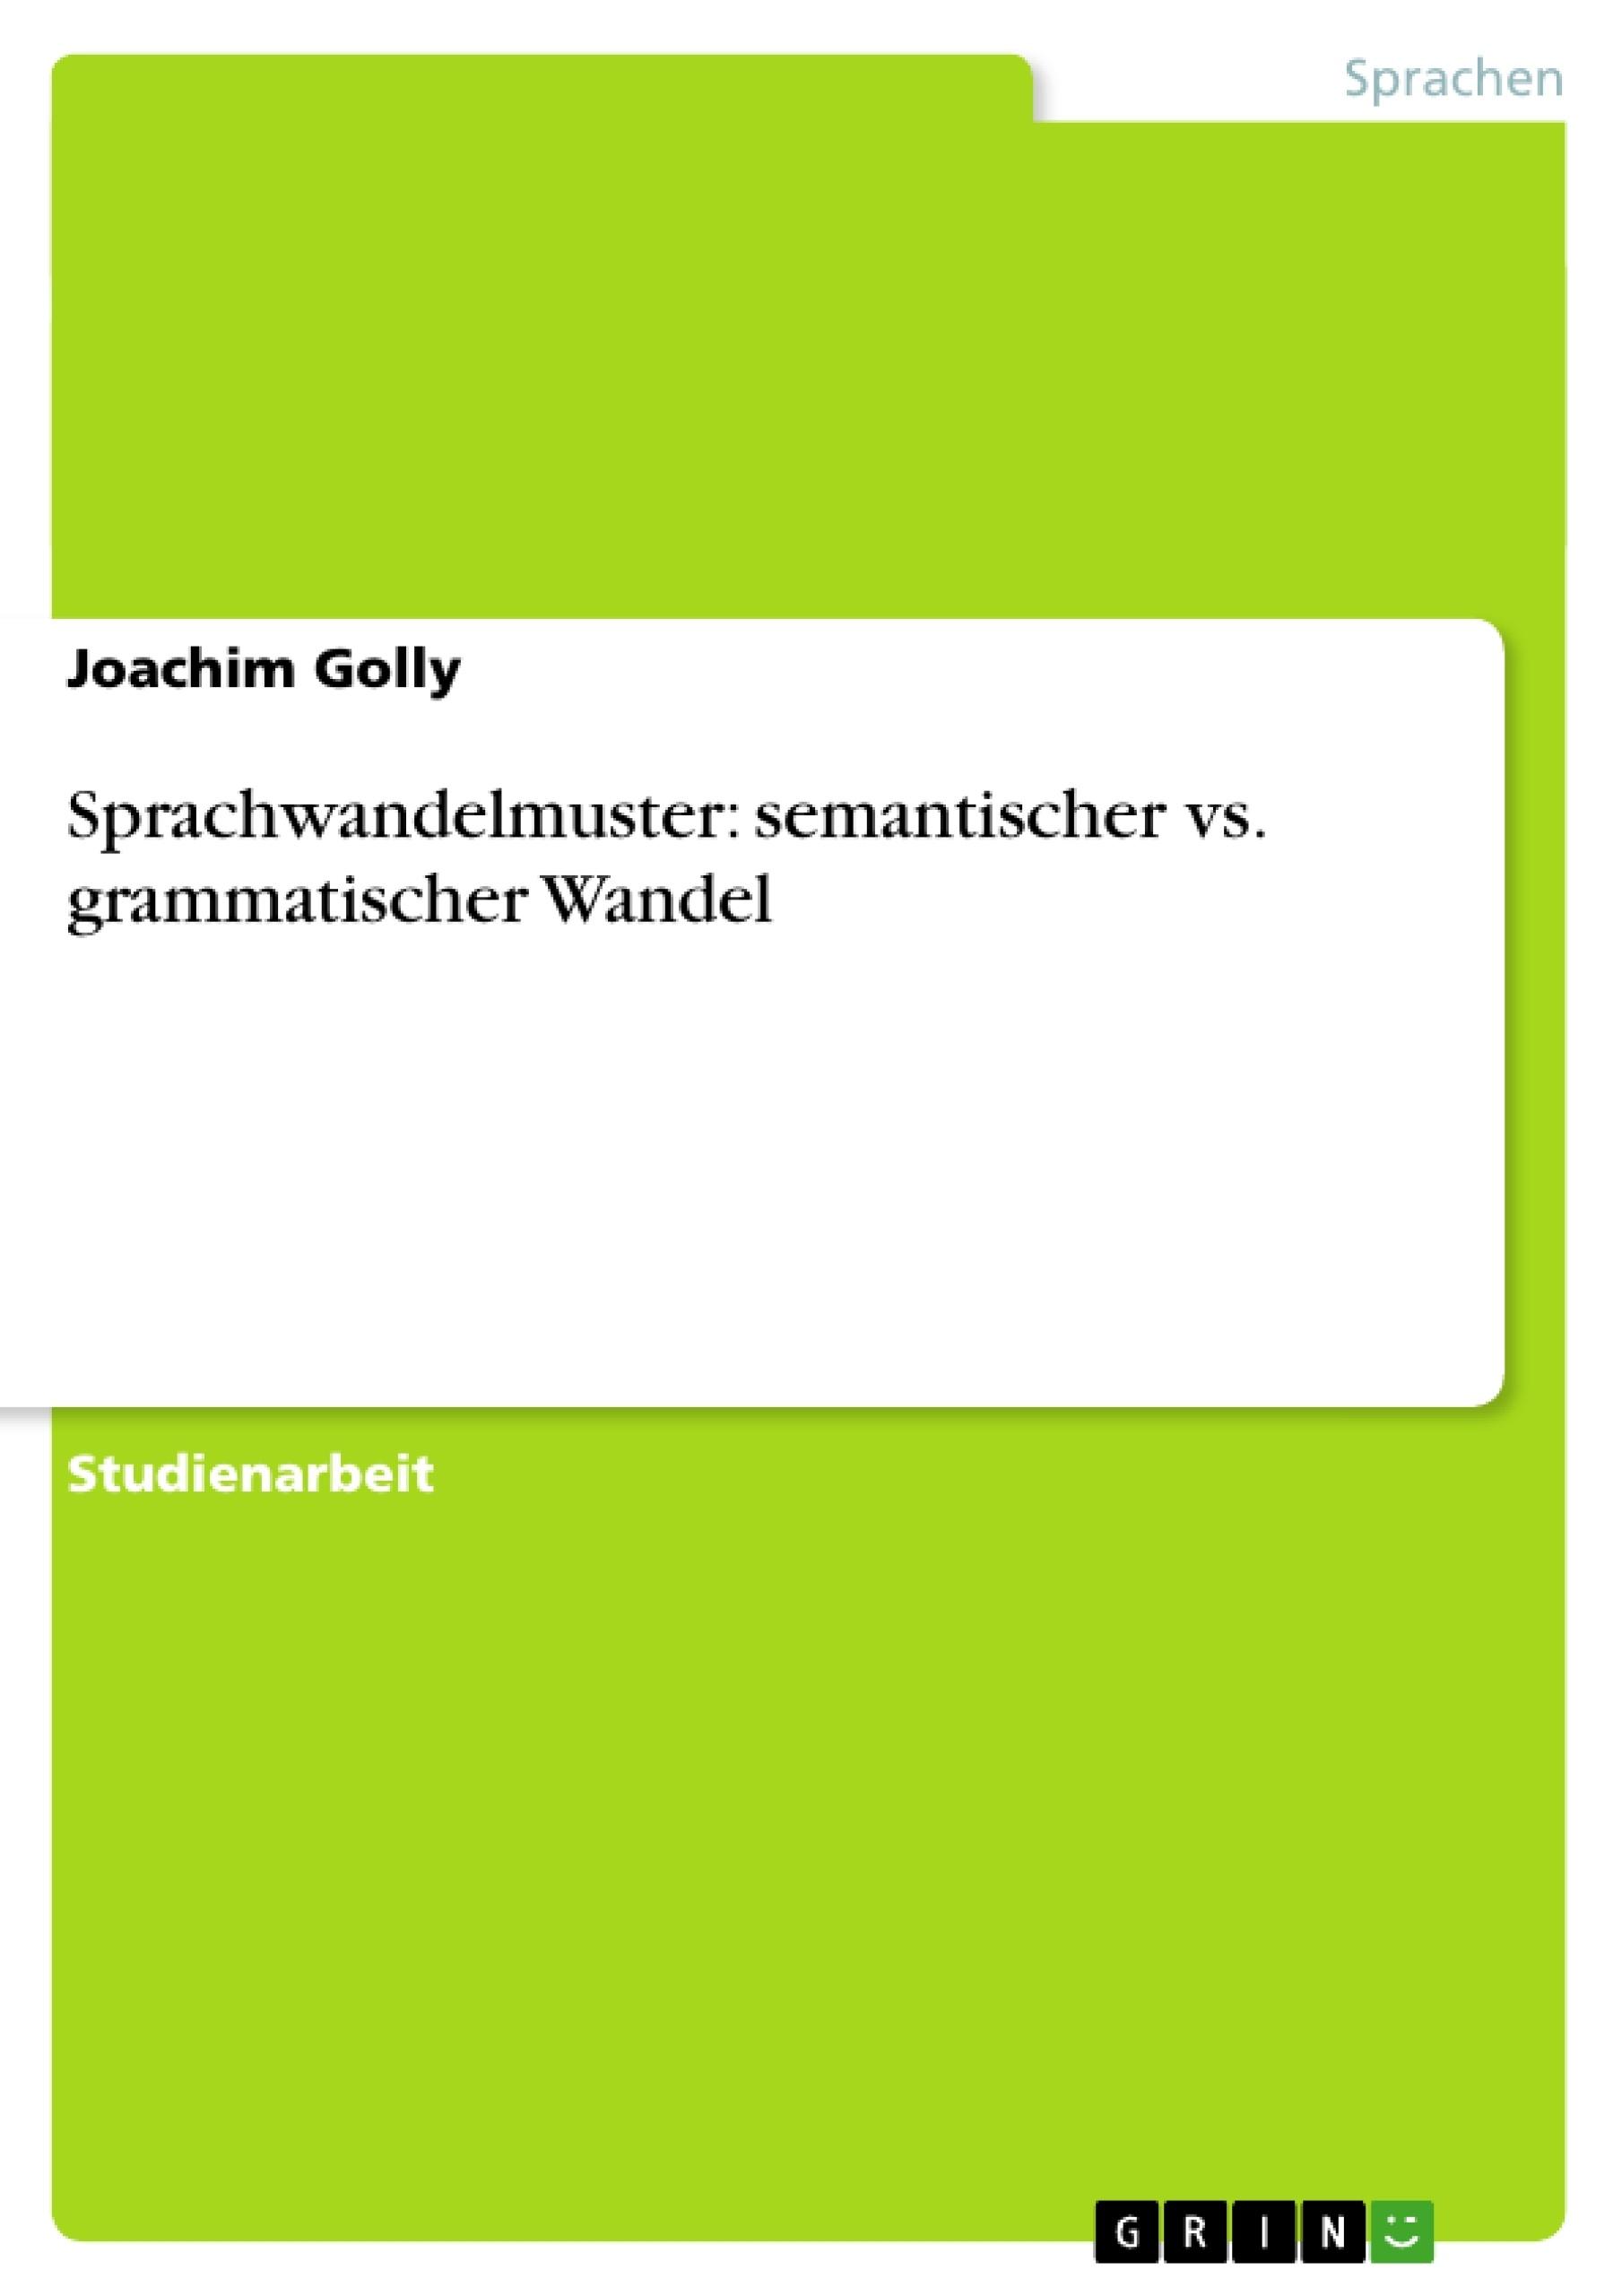 Titel: Sprachwandelmuster: semantischer vs. grammatischer Wandel